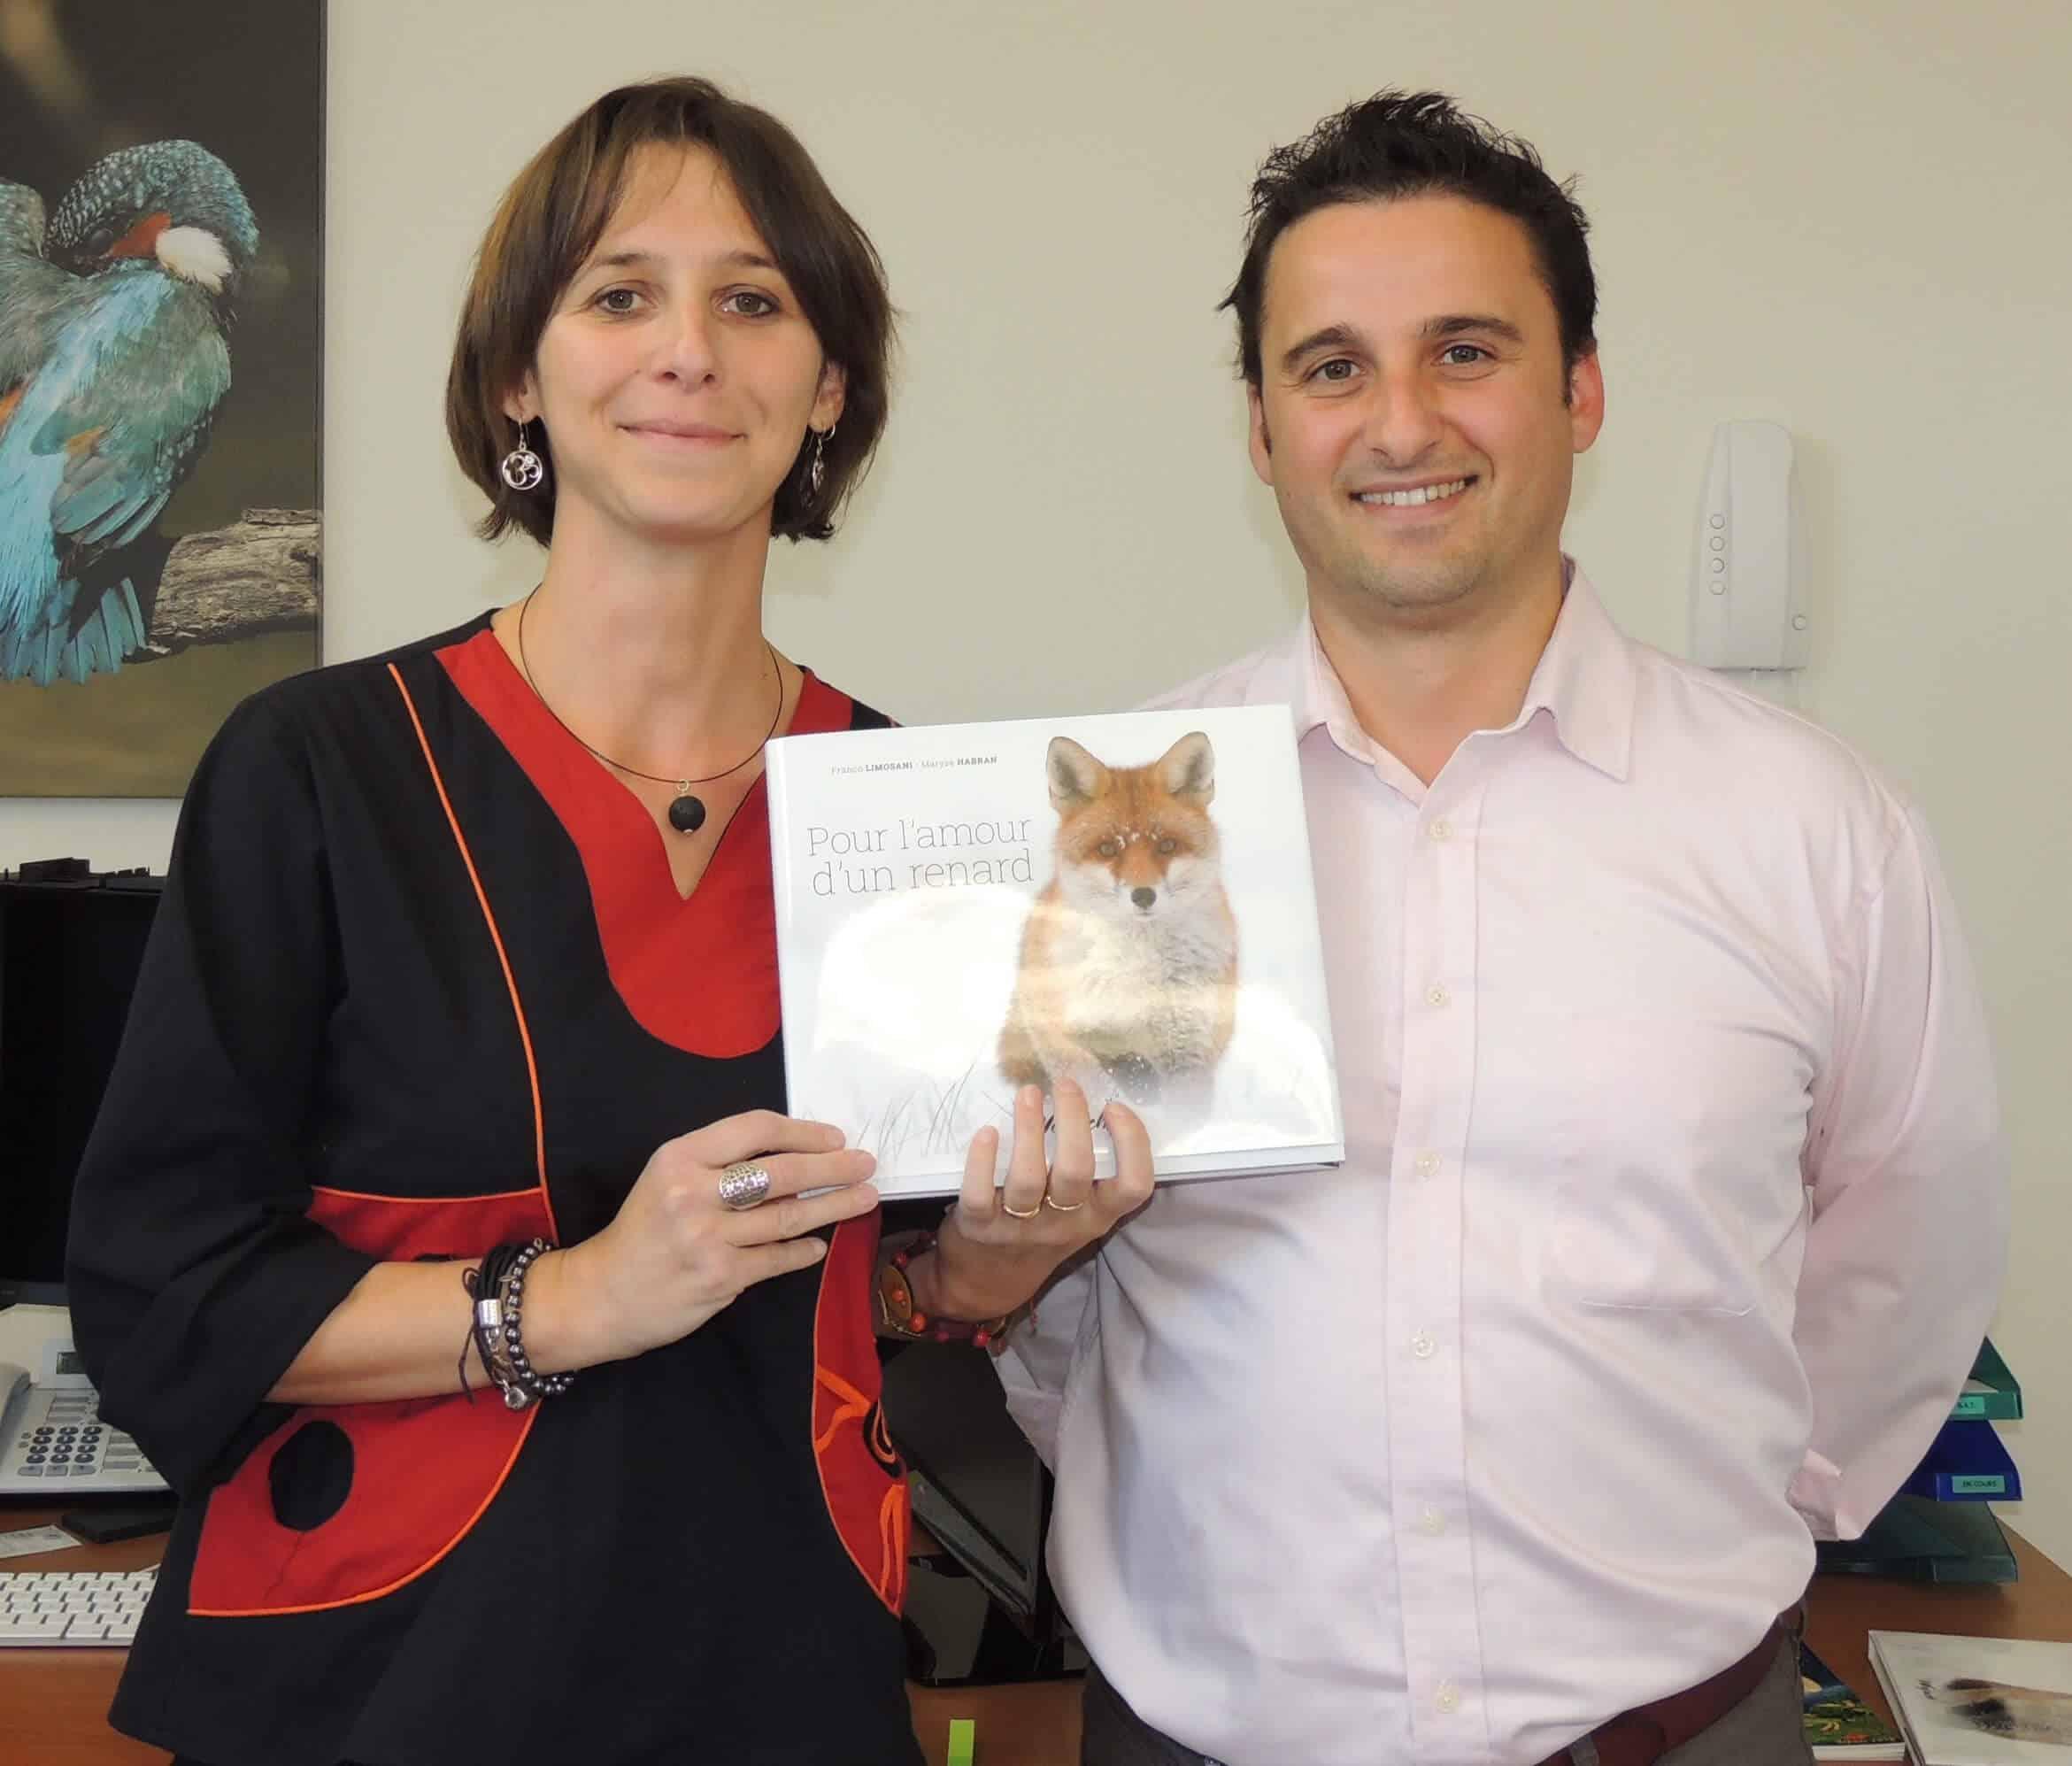 Pour l'amour d'un renard – Franco Limosani et Maryse Habran